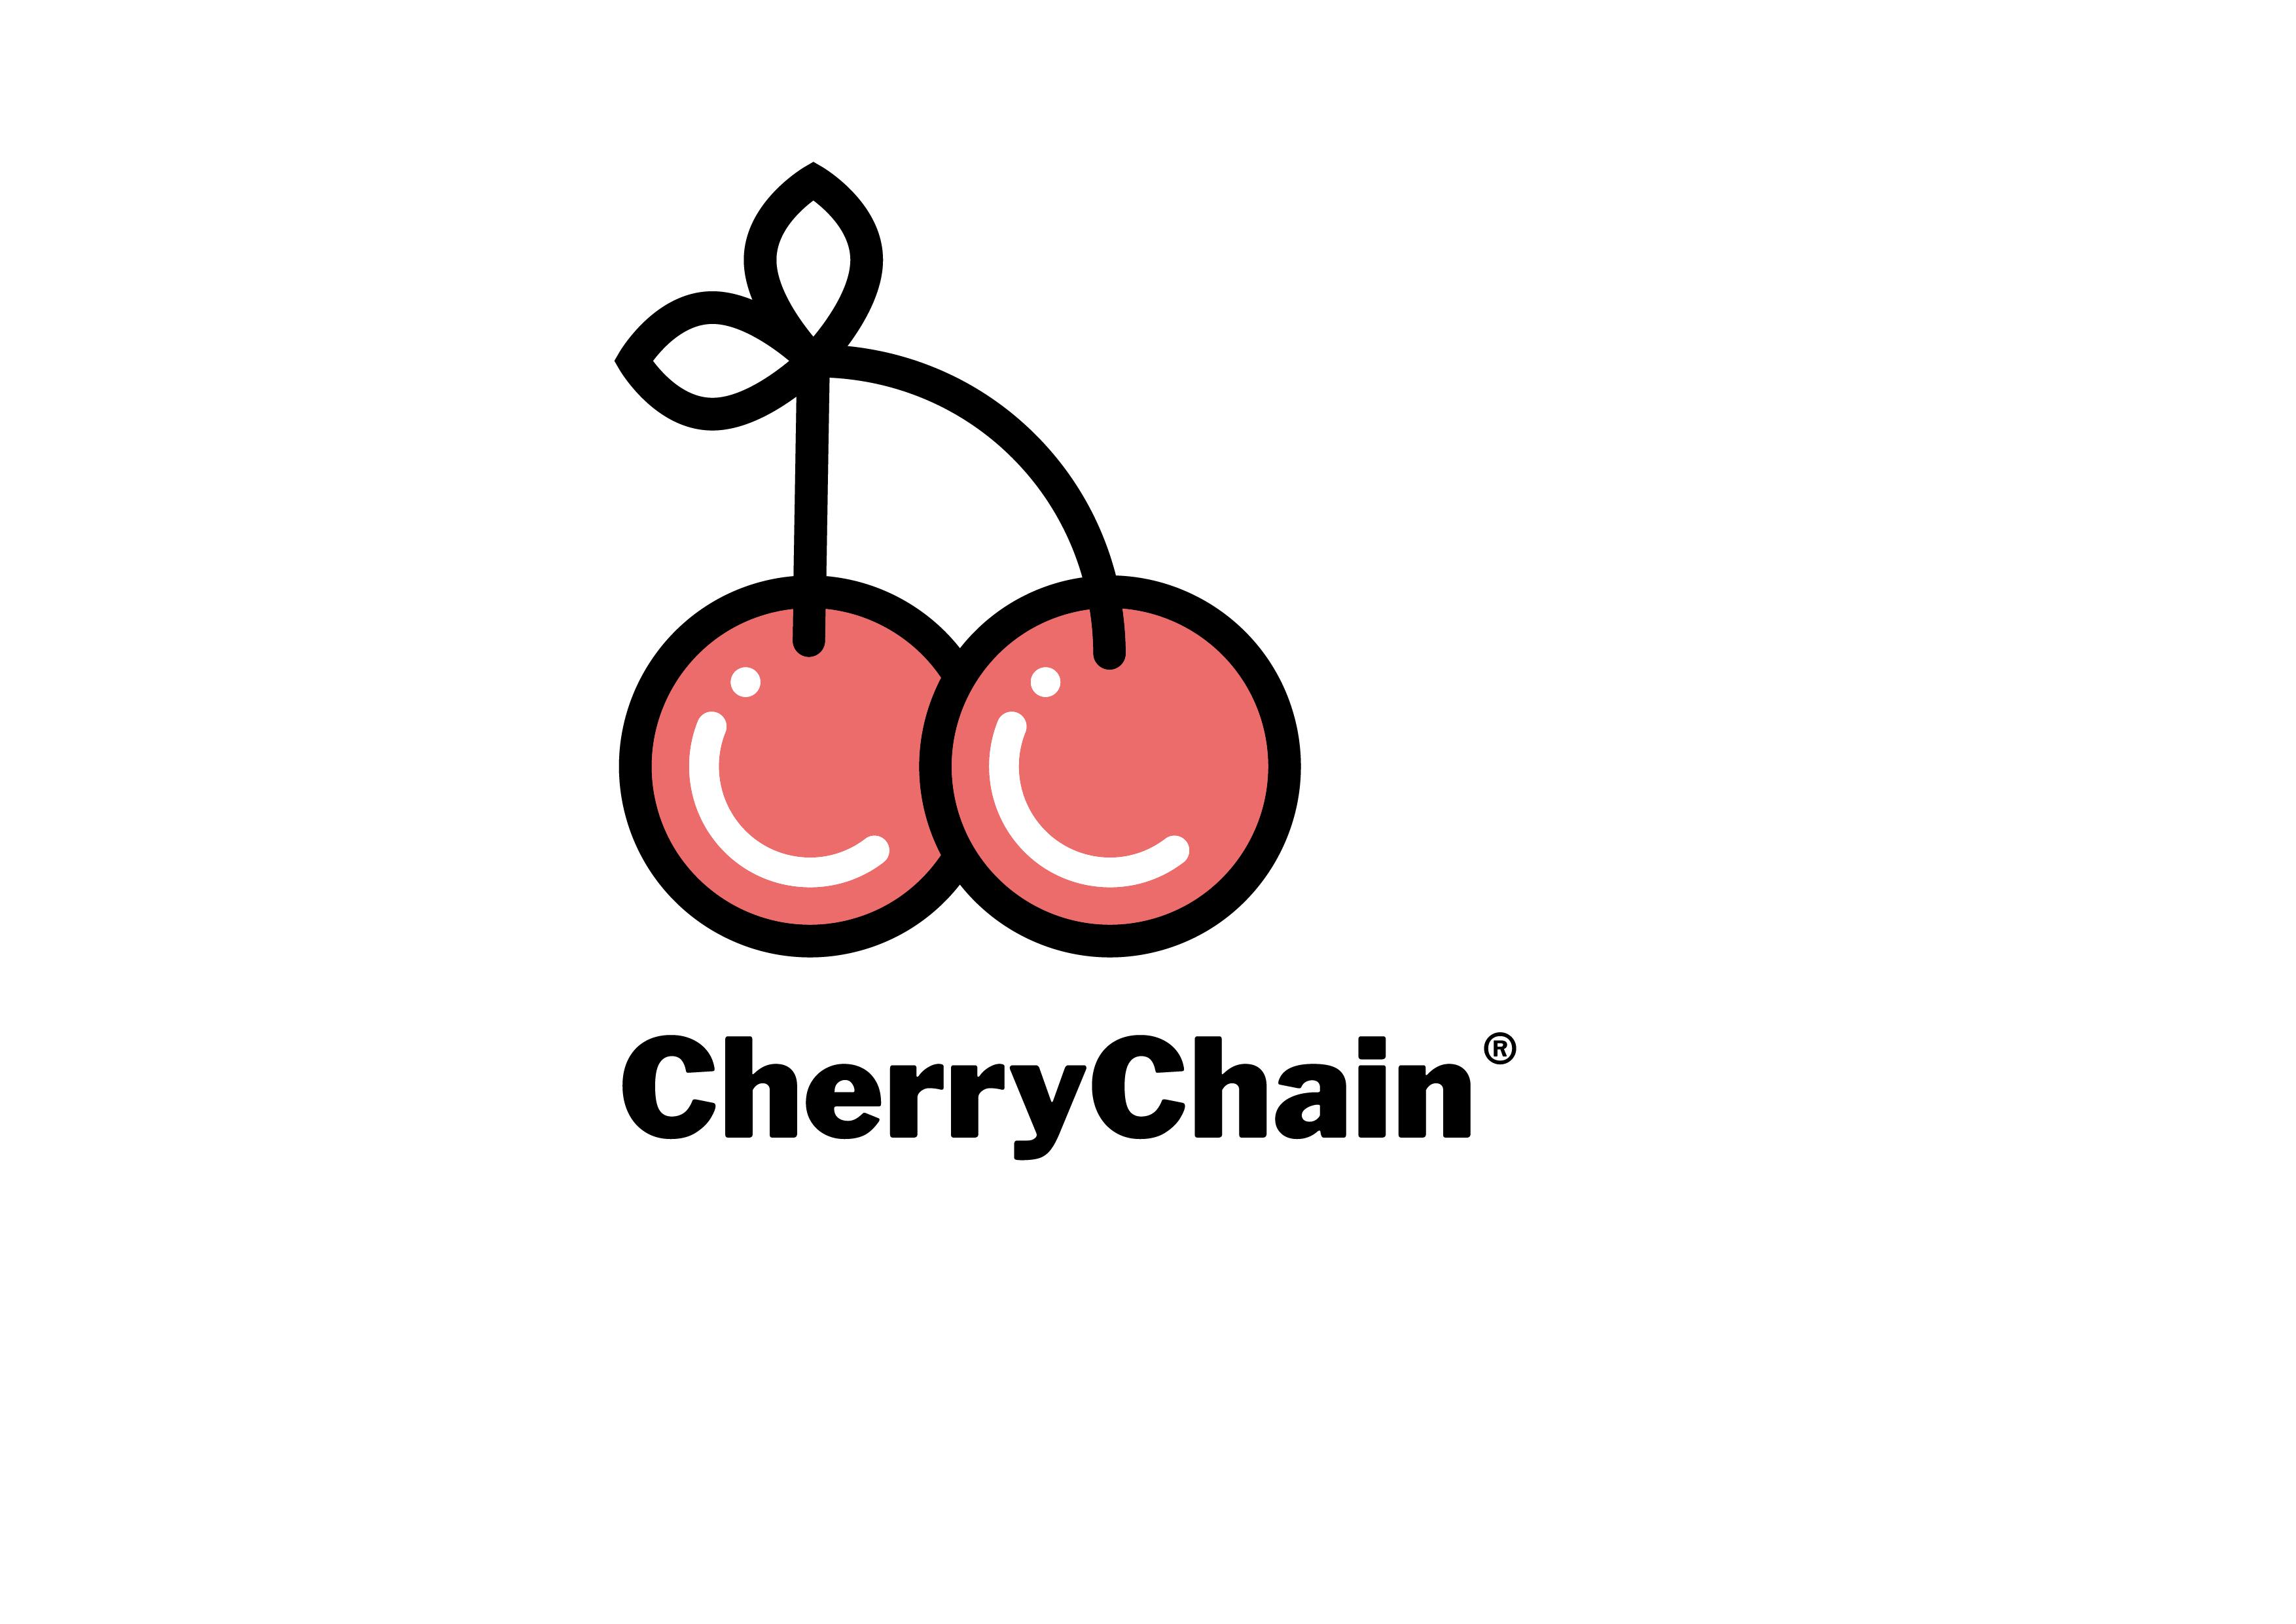 CherryChain